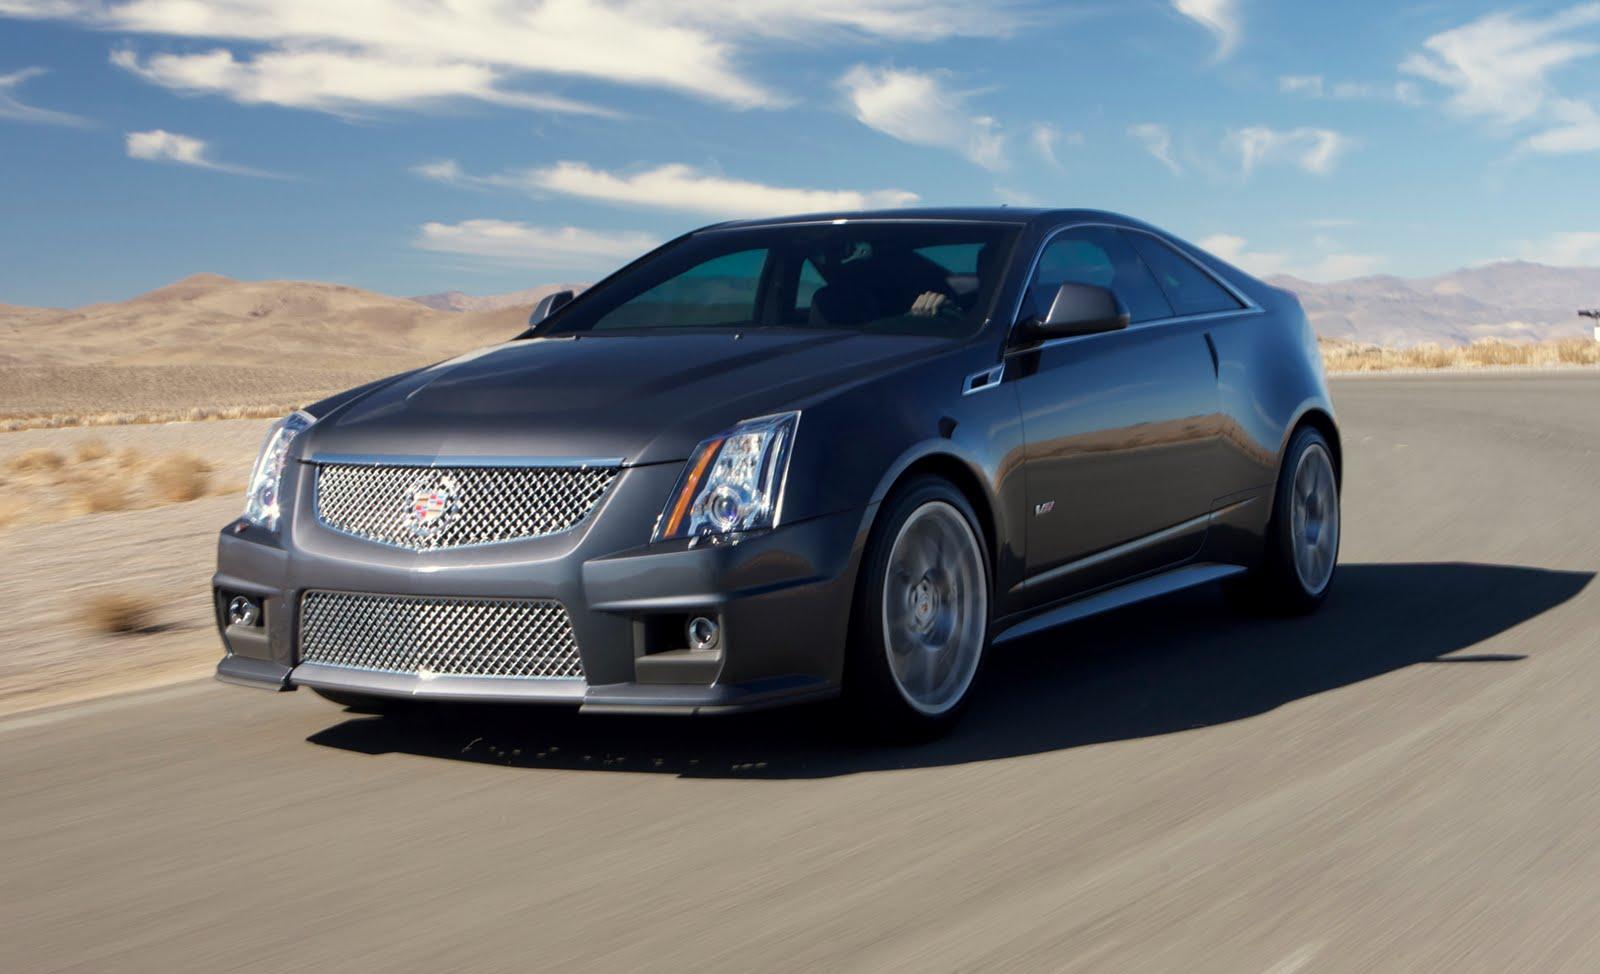 cadillac cts coupe 2013 estilo elegante y perfeccionista lista de carros. Black Bedroom Furniture Sets. Home Design Ideas